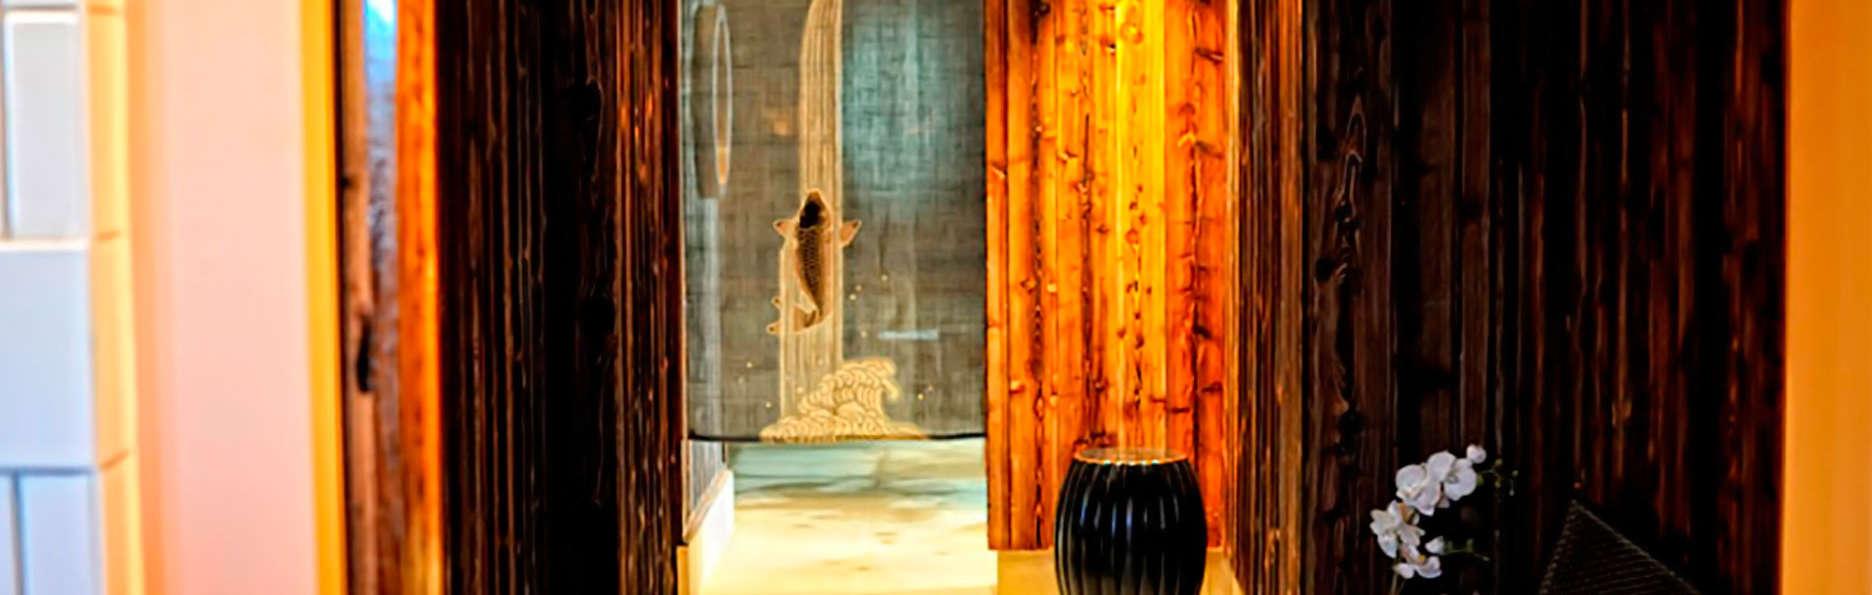 Week-end à Auberville avec accès aux 3 espaces de la Thalasso des 3 Mondes de Luc-sur-mer